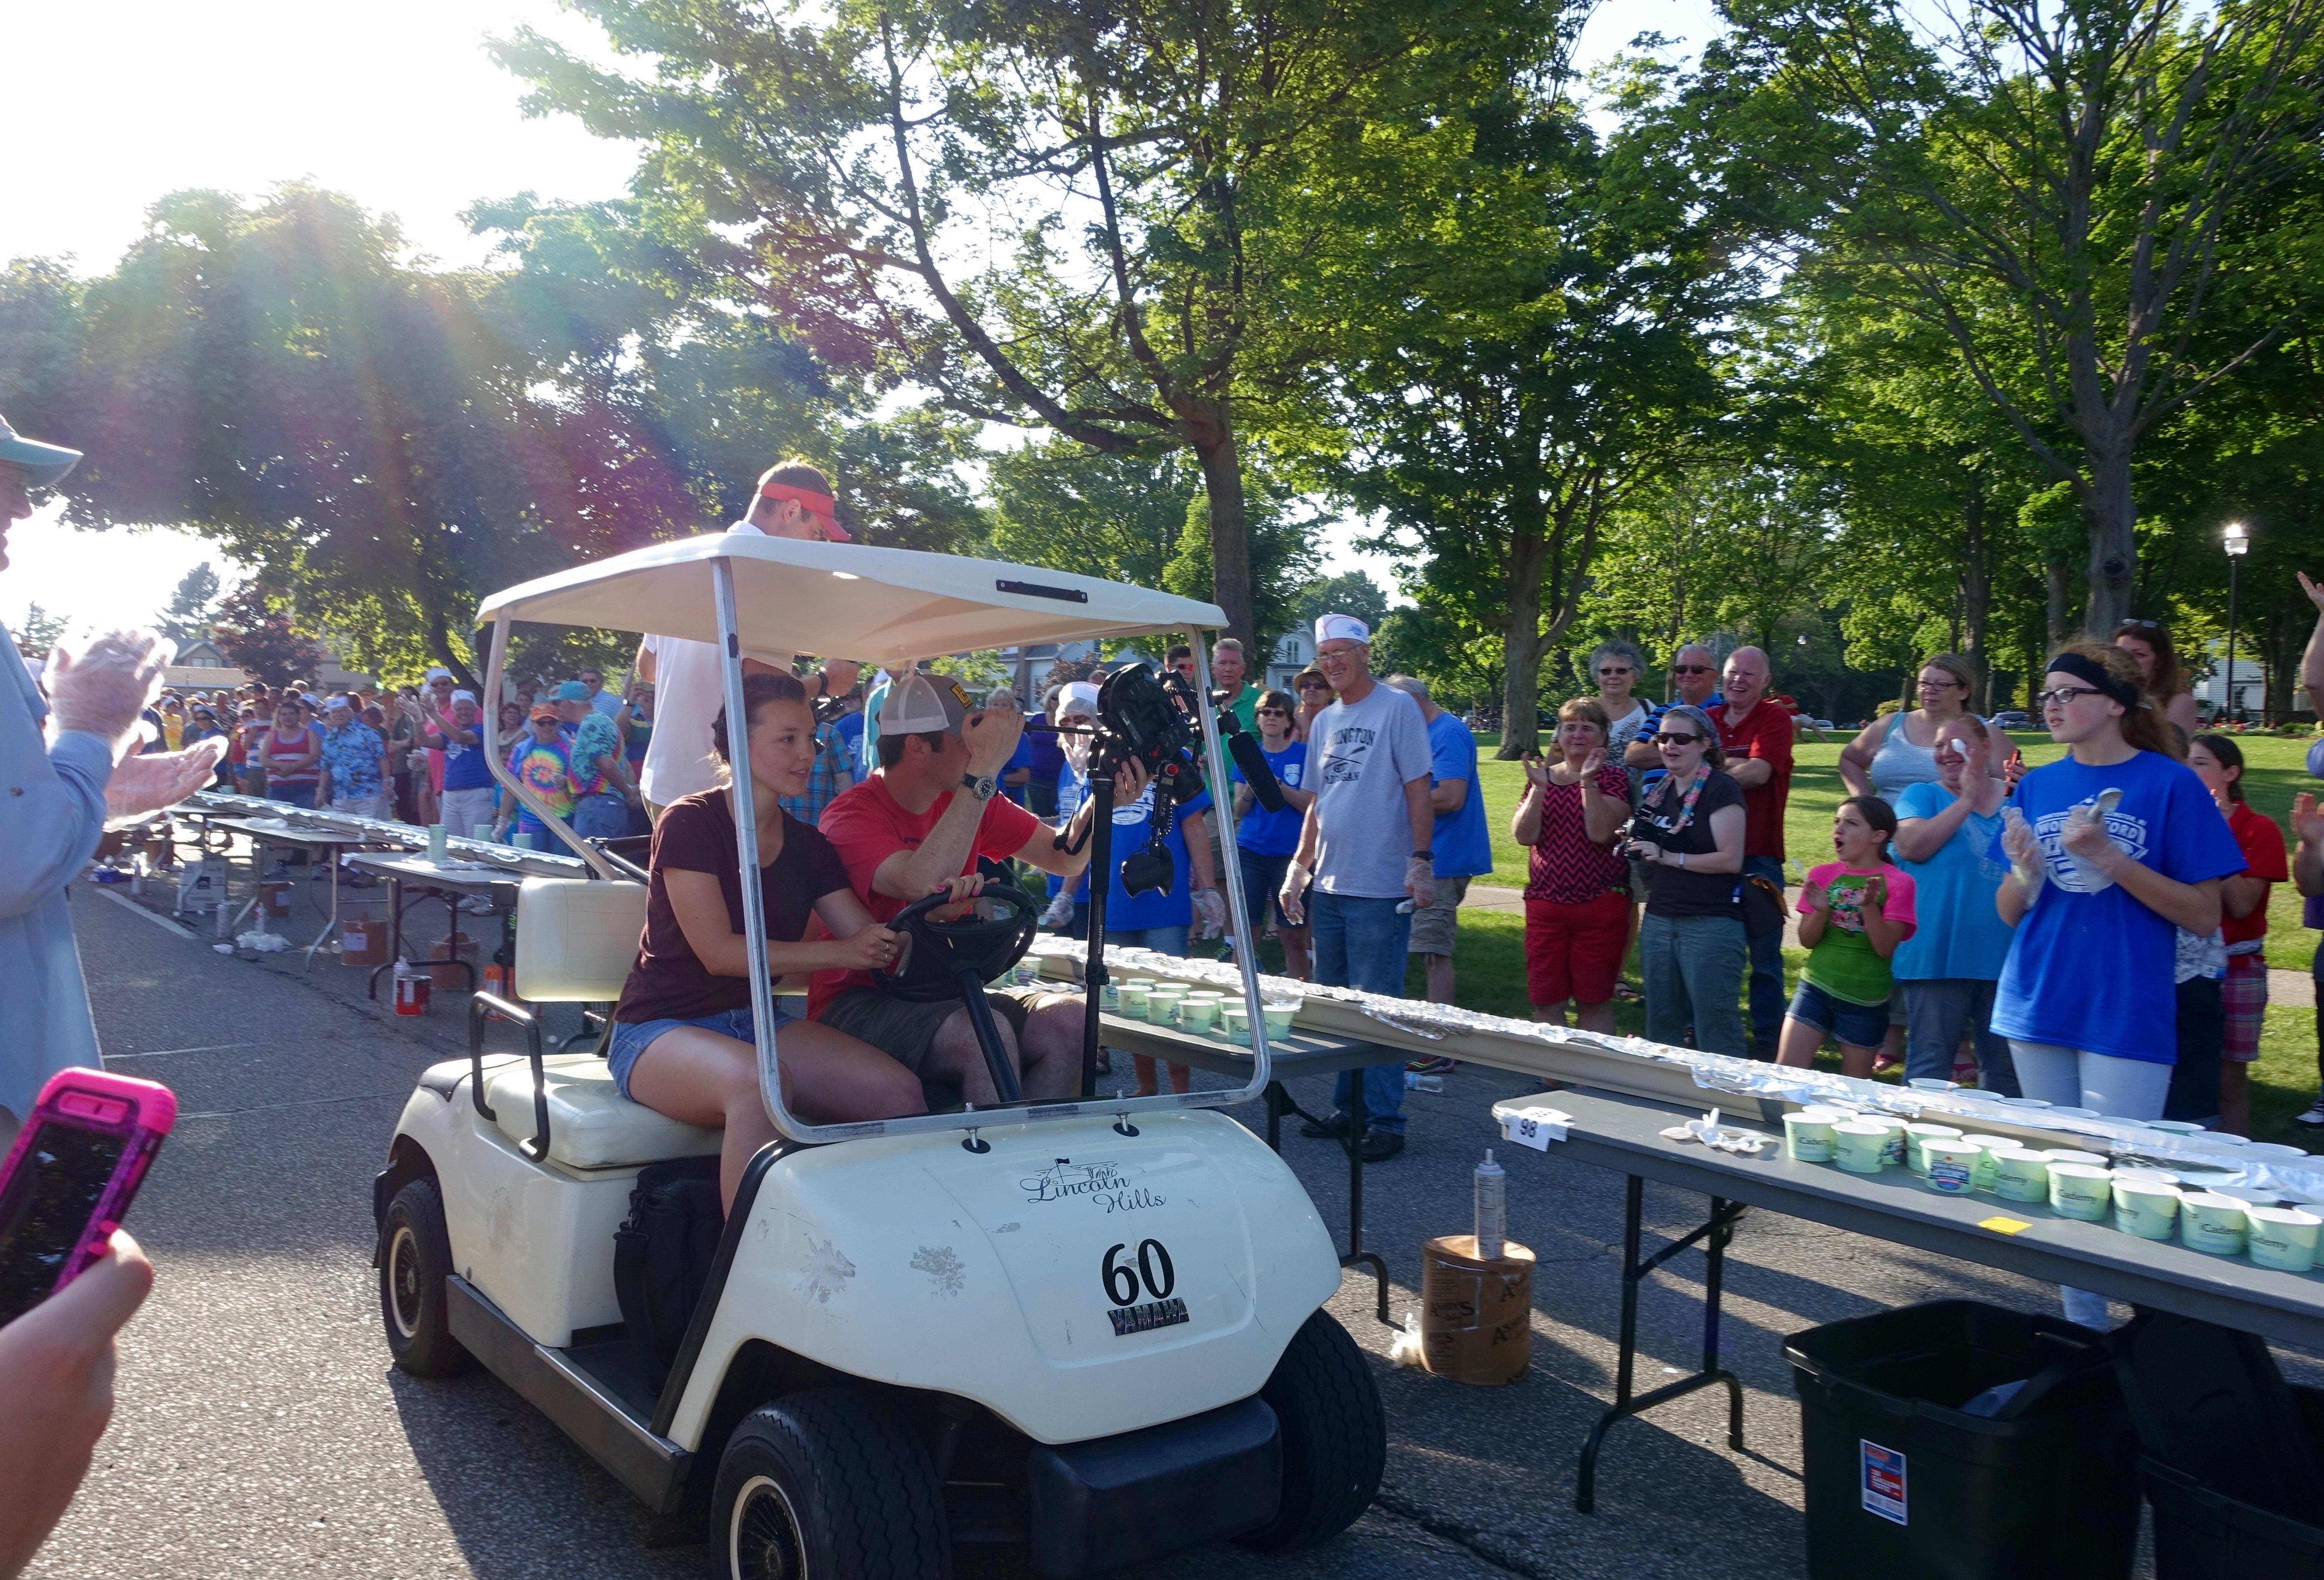 Camera Crew validating sundae at Ludington's World's Largest Sundae Attempt